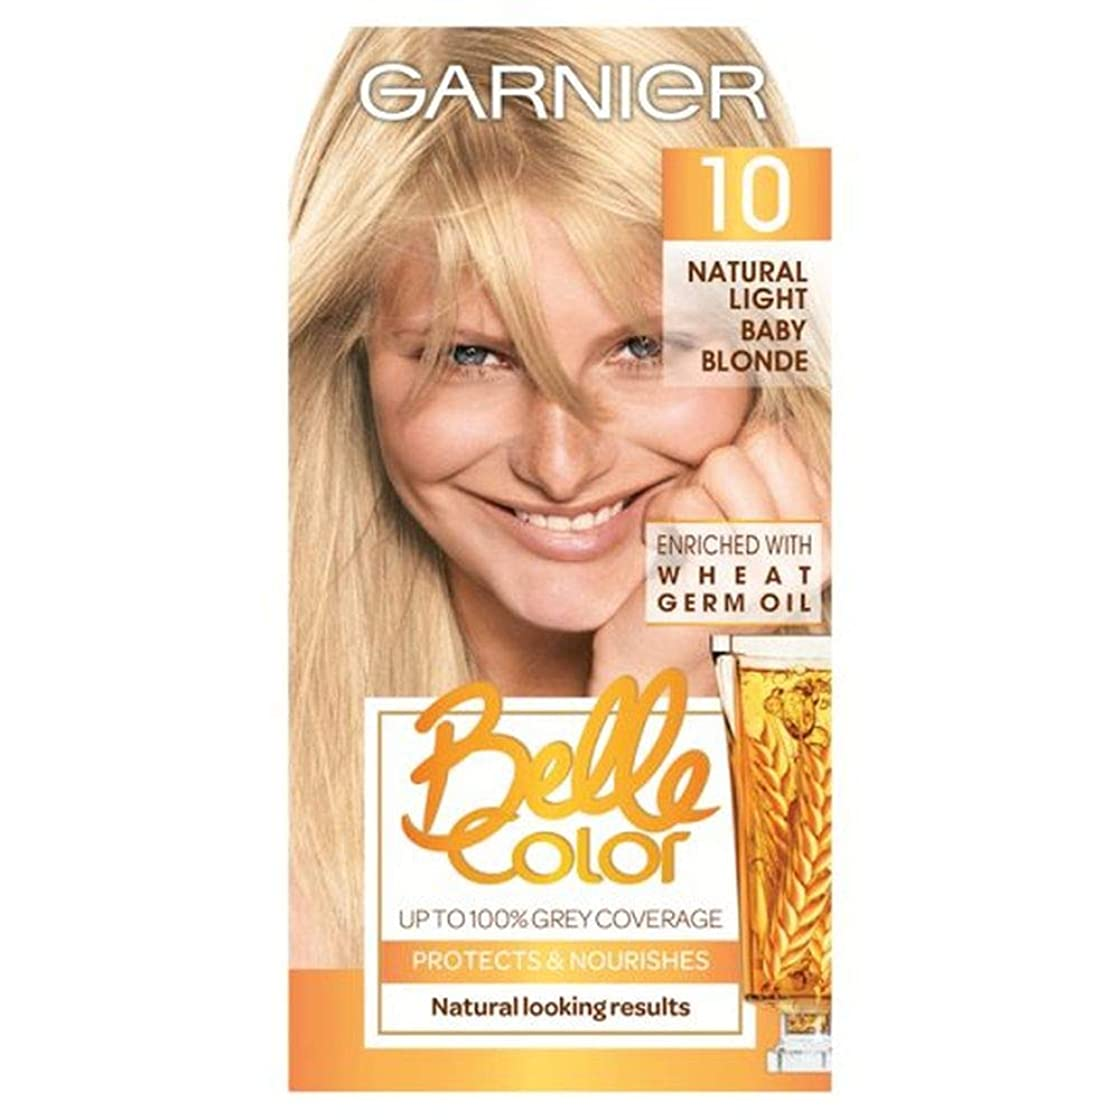 酸度考案するロゴ[Belle Color ] ガーン/ベル/Clr 10自然光の赤ちゃんブロンドパーマネントヘアダイ - Garn/Bel/Clr 10 Natural Light Baby Blonde Permanent Hair Dye [並行輸入品]